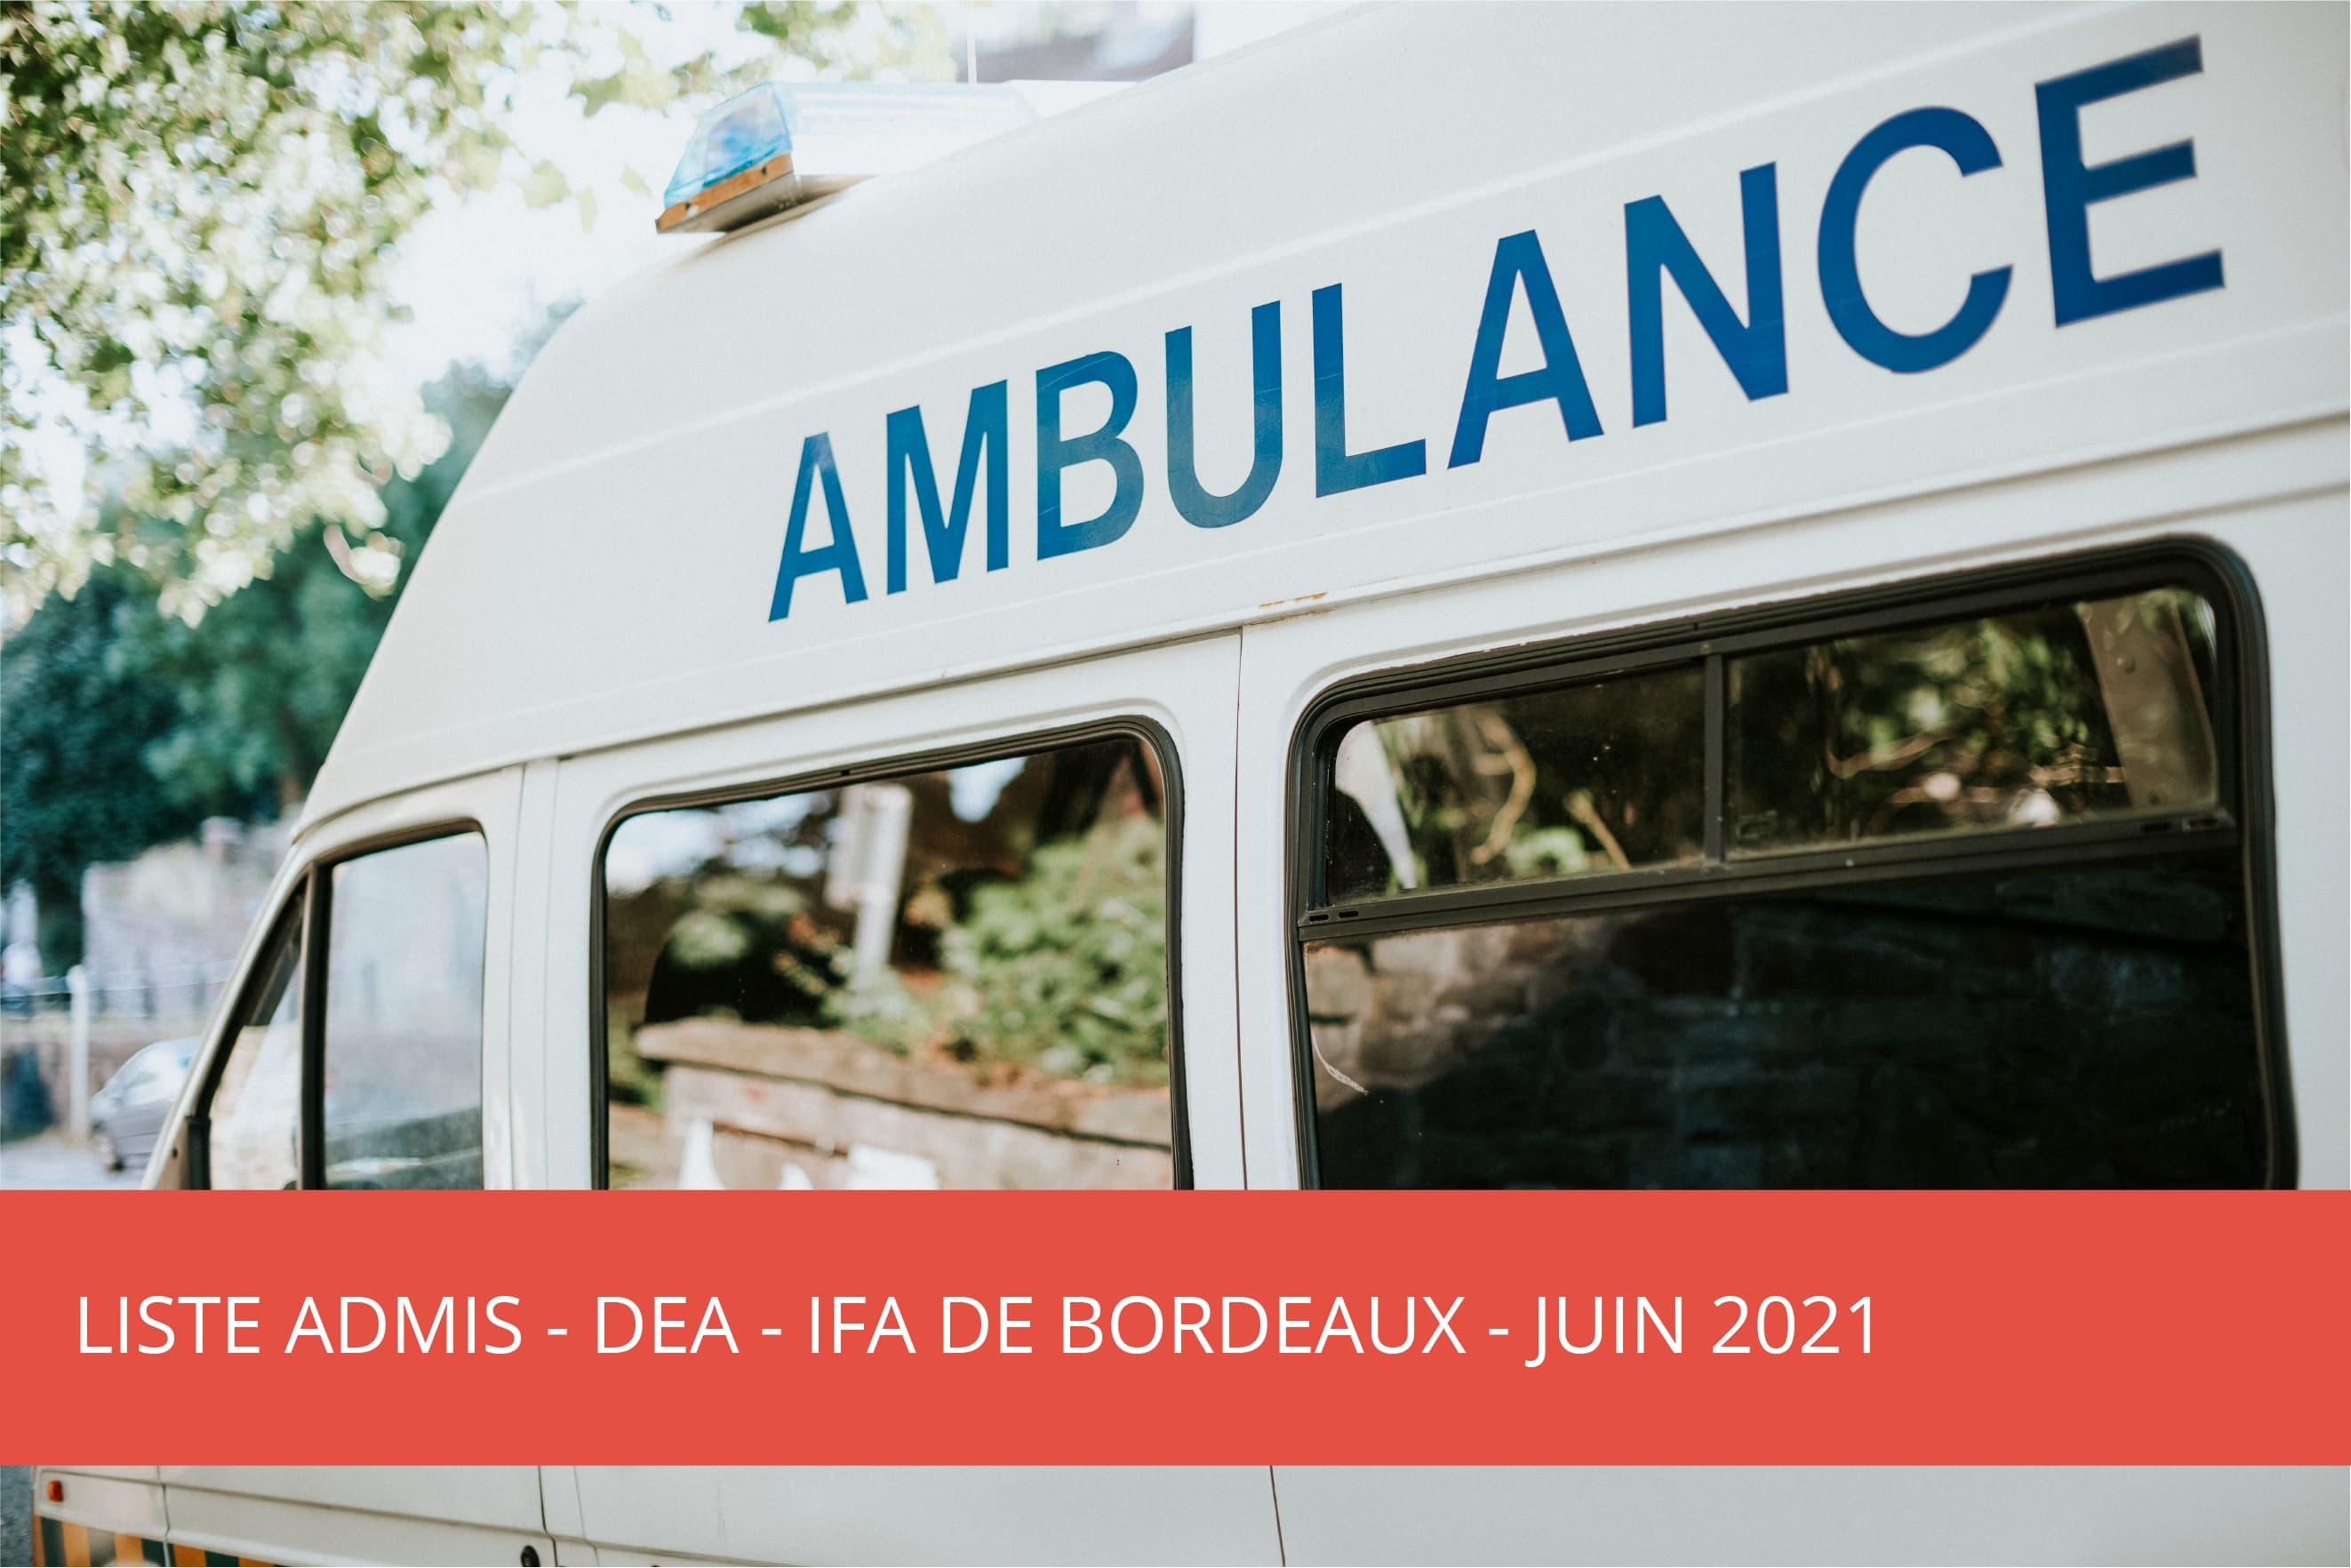 IFA Bordeaux : DEA – liste des candidats admis – juin 2021